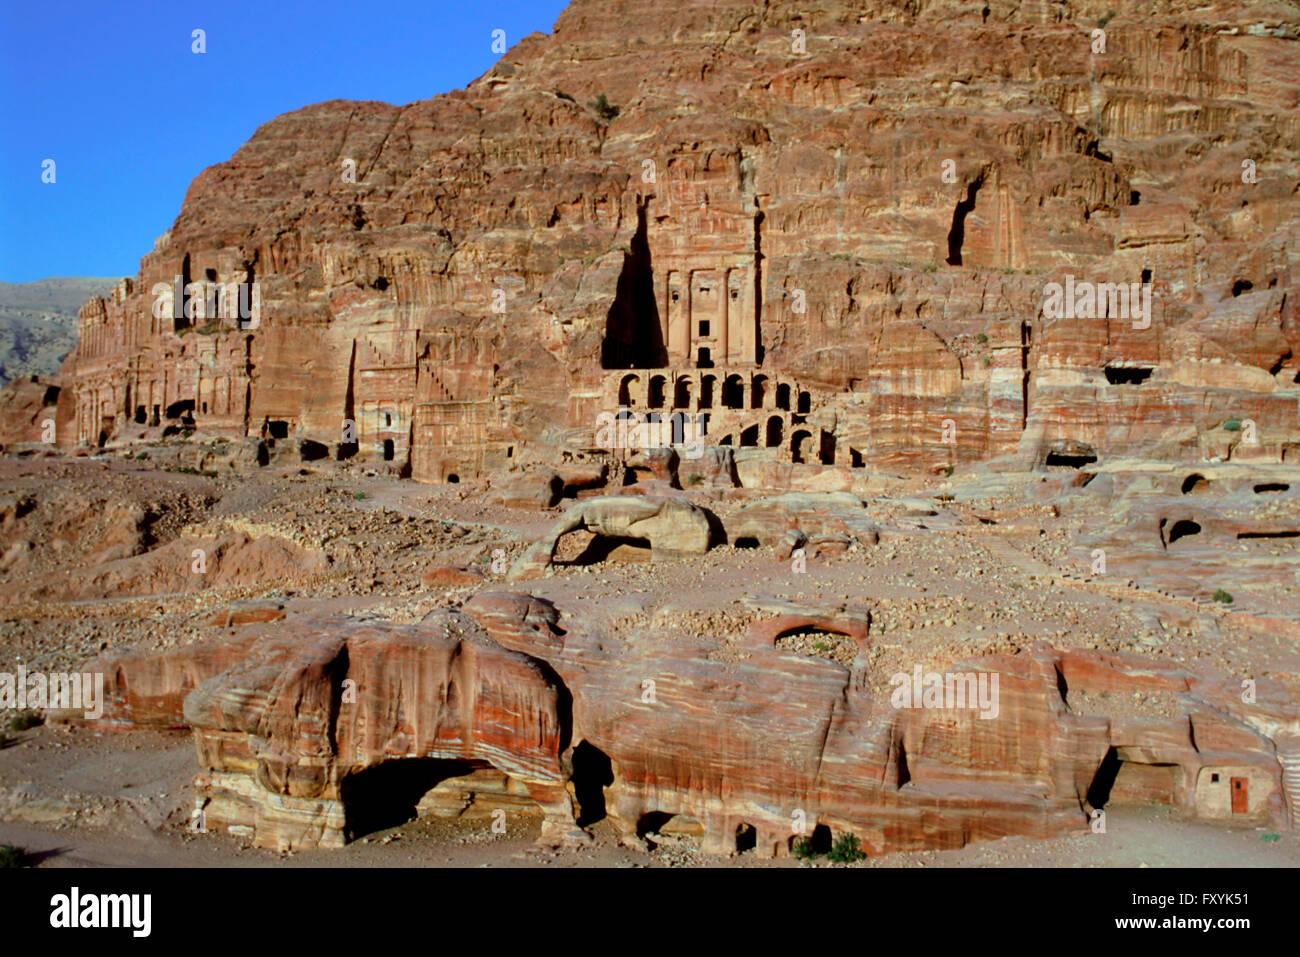 The Royal Tombs, Petra, UNESCOP World Heritage Site, Jordan Stock Photo